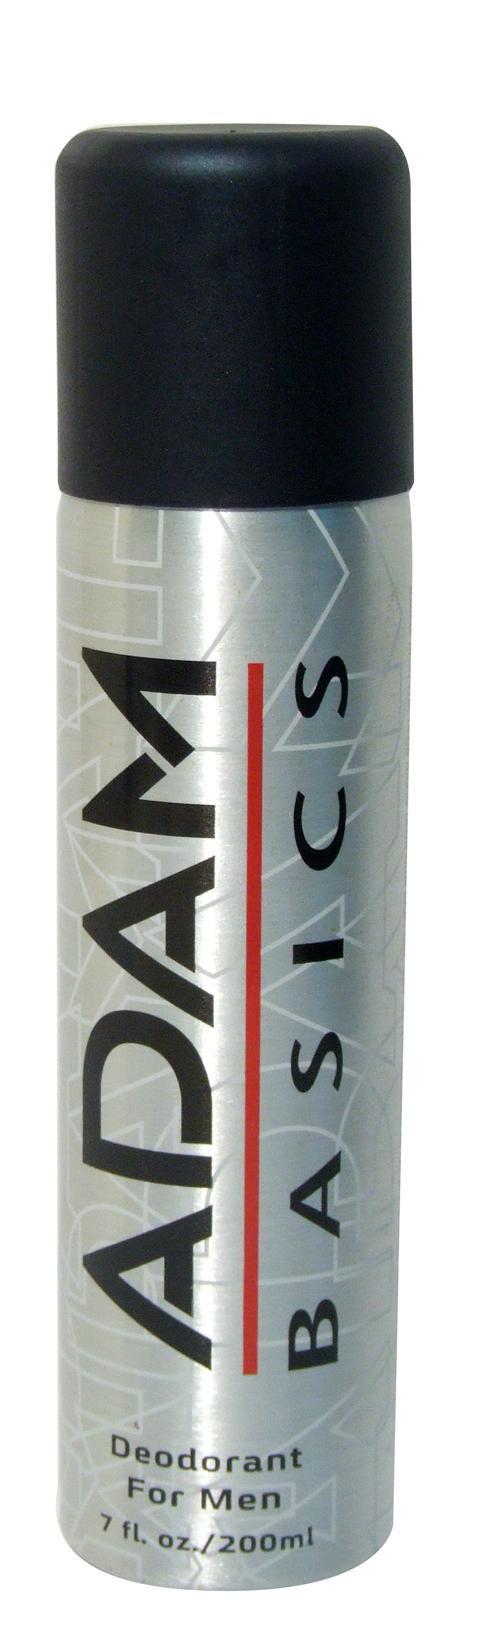 אדם בייסיק דאודורנט ספריי   ADAM BASICS Deodorant Spray